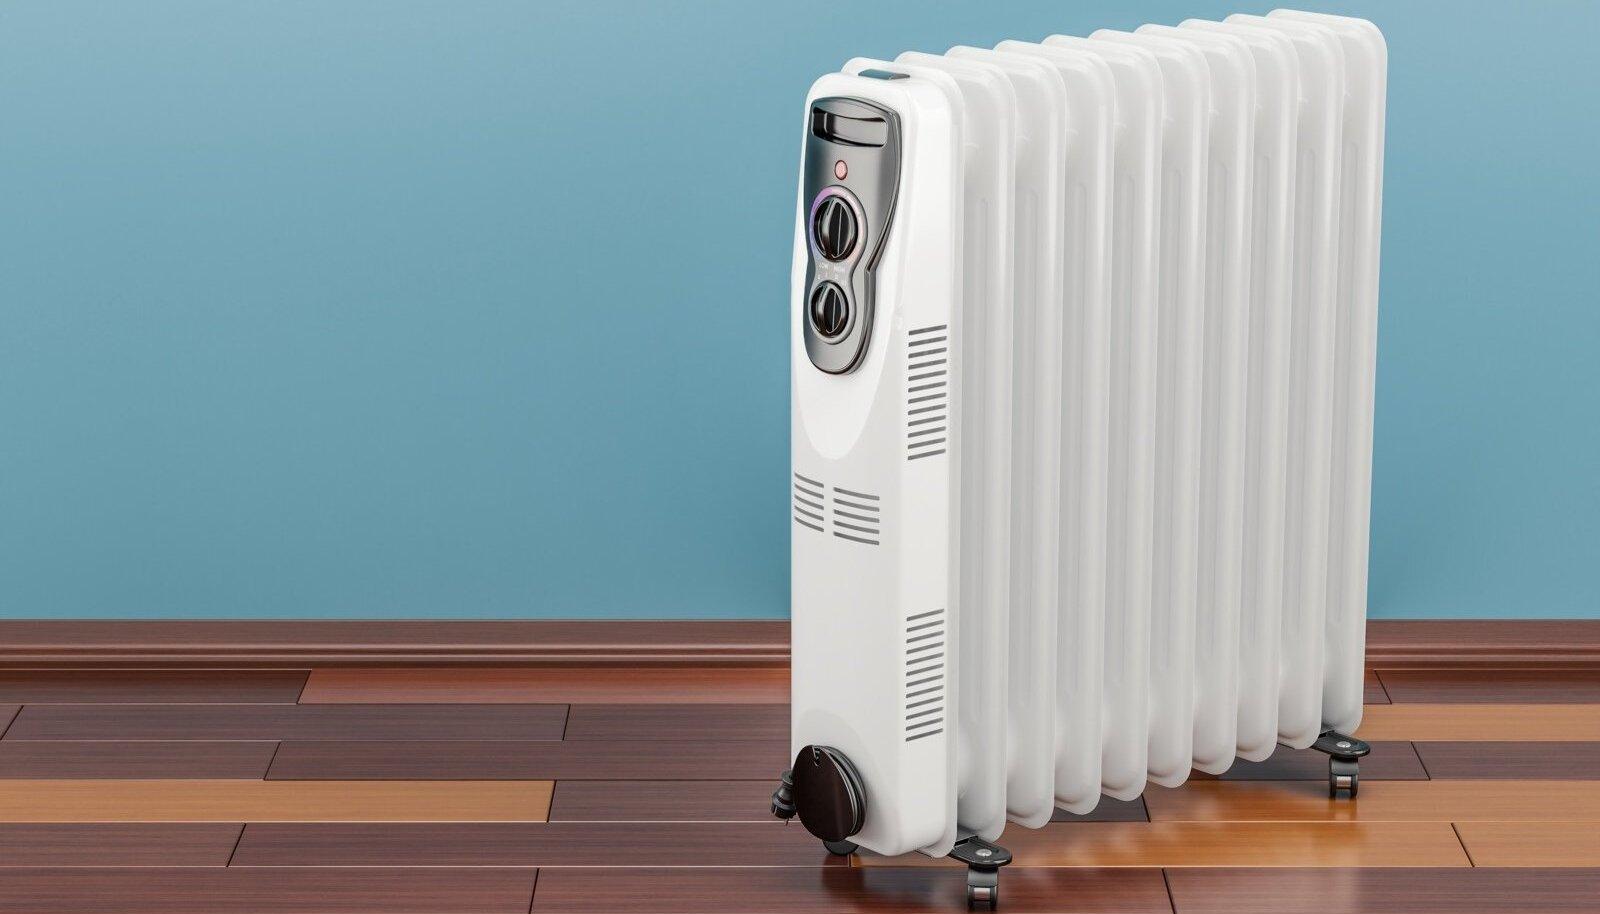 Õliradiaator säilitab soojust mõnda aega pärast väljalülitamist.